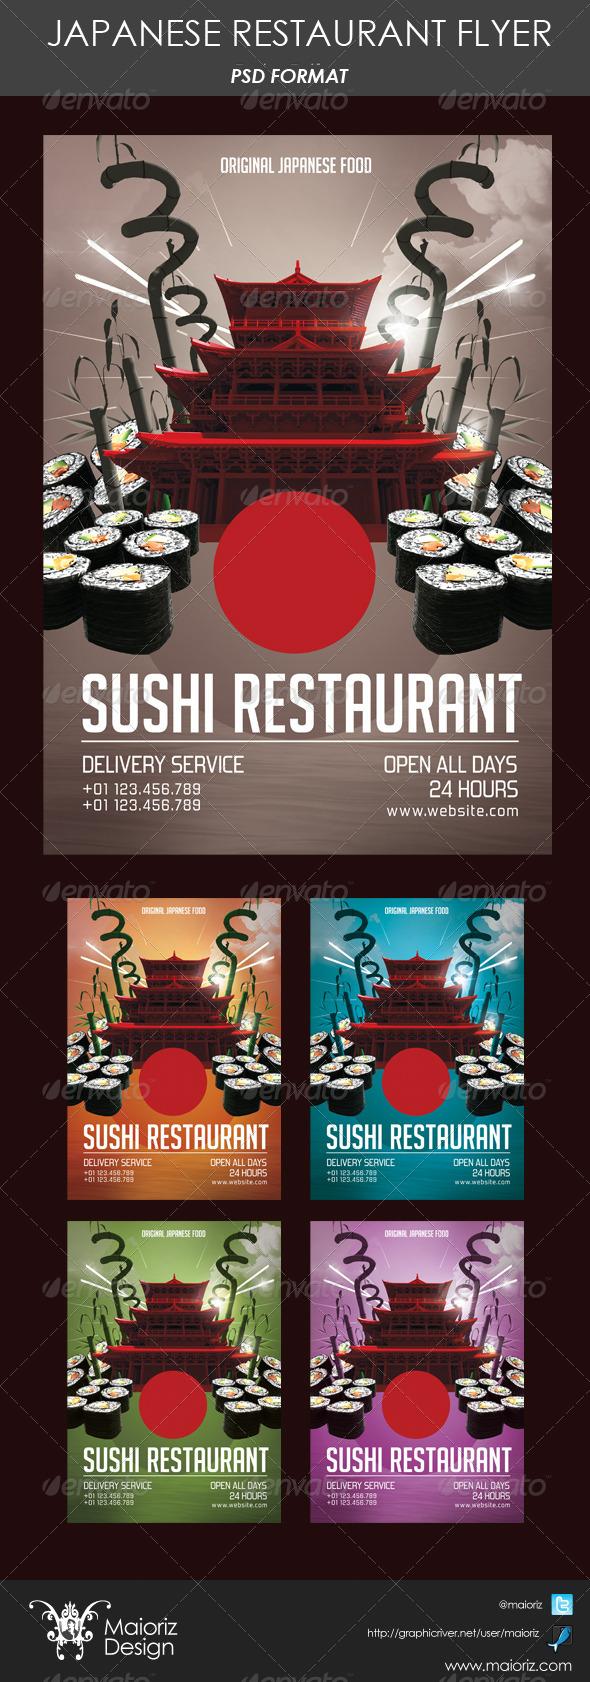 Japanese Restaurant Flyer